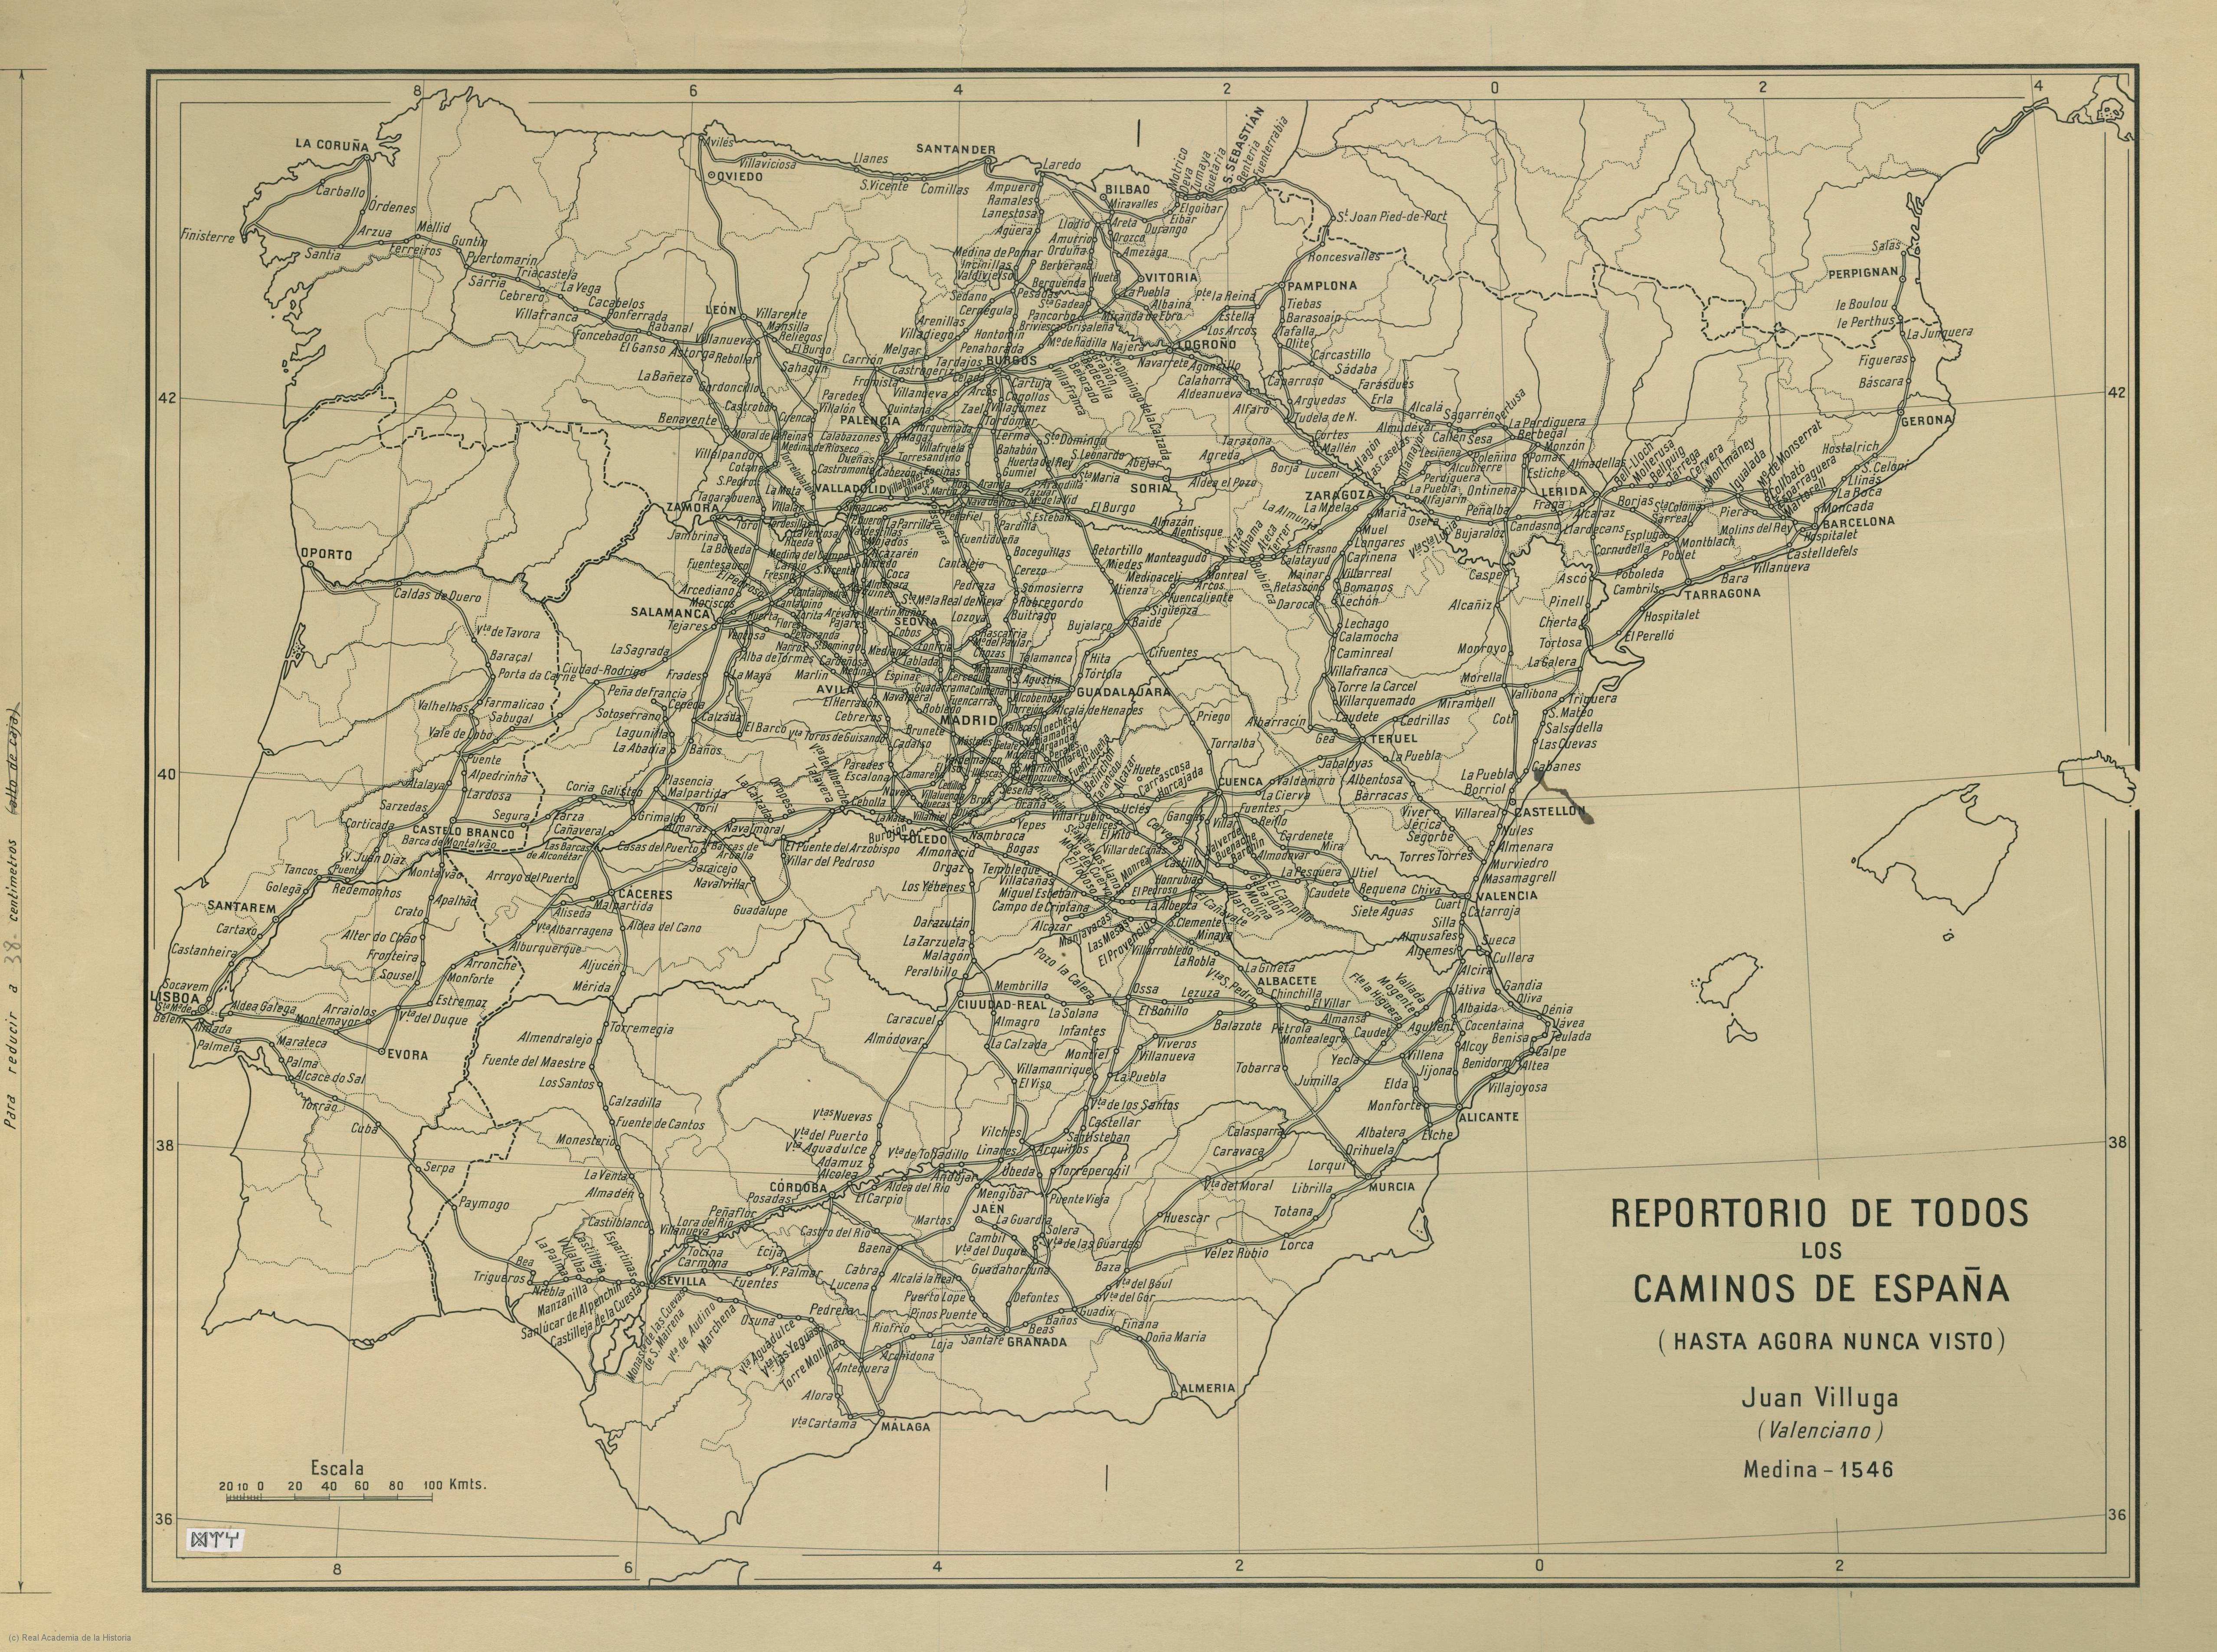 Camino ignaciano entre Barcelona y Alcalá de Henares